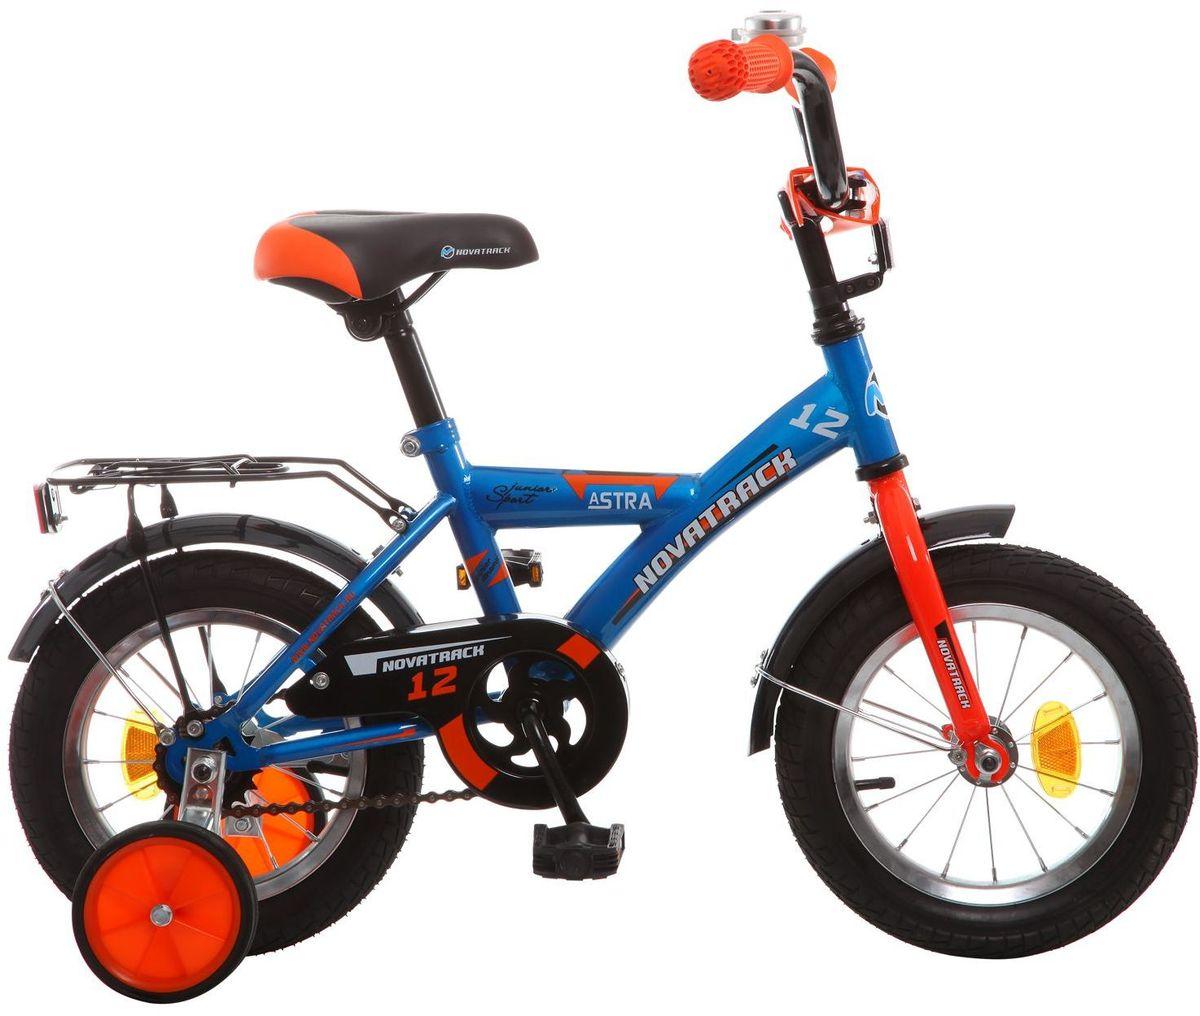 Велосипед детский Novatrack Astra, цвет: синий, черный, оранжевый, 12123ASTRA.BL5Хотите, чтобы ваш ребенок играя укреплял здоровье? Тогда ему нужен удобный и надежный велосипед Novatrack Astra, рассчитанный на малышей 2-4 лет. Одного взгляда малыша хватит, чтобы раз и навсегда влюбиться в свой новенький двухколесный транспорт, который сначала можно назвать и четырехколесным. Дополнительную устойчивость железному коню обеспечивают два маленьких съемных колеса в цвет велосипеда. Велосипед собран на базе рамы с универсальной геометрией, которая позволяет легко взобраться или слезть с велосипеда, при этом велосипед имеет такой вес, что маленький ребенок сам легко справляется со своим транспортным средством. Так как велосипед предназначен для самых маленьких, предусмотрен ограничитель поворота руля, который не позволит сильно завернуть руль и упасть. Еще один элемент безопасности - это защита цепи, которая оберегает одежду и ноги малыша от попадания в механизм. Стильные крылья защитят от грязи и брызг, а на багажнике ребенок сможет перевозить массу полезных в дороге вещей. Данная модель маневренна и легко управляется, поэтому ребенку будет несложно и интересно учиться езде.